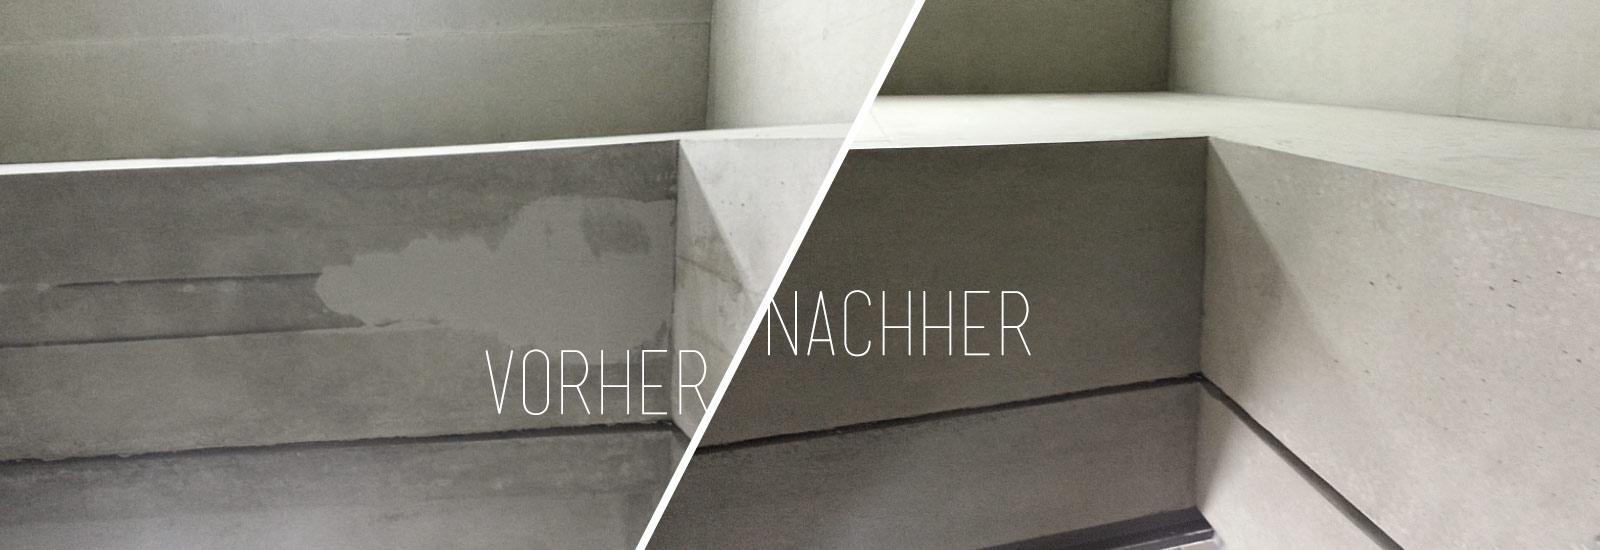 vorherNachher_Slider